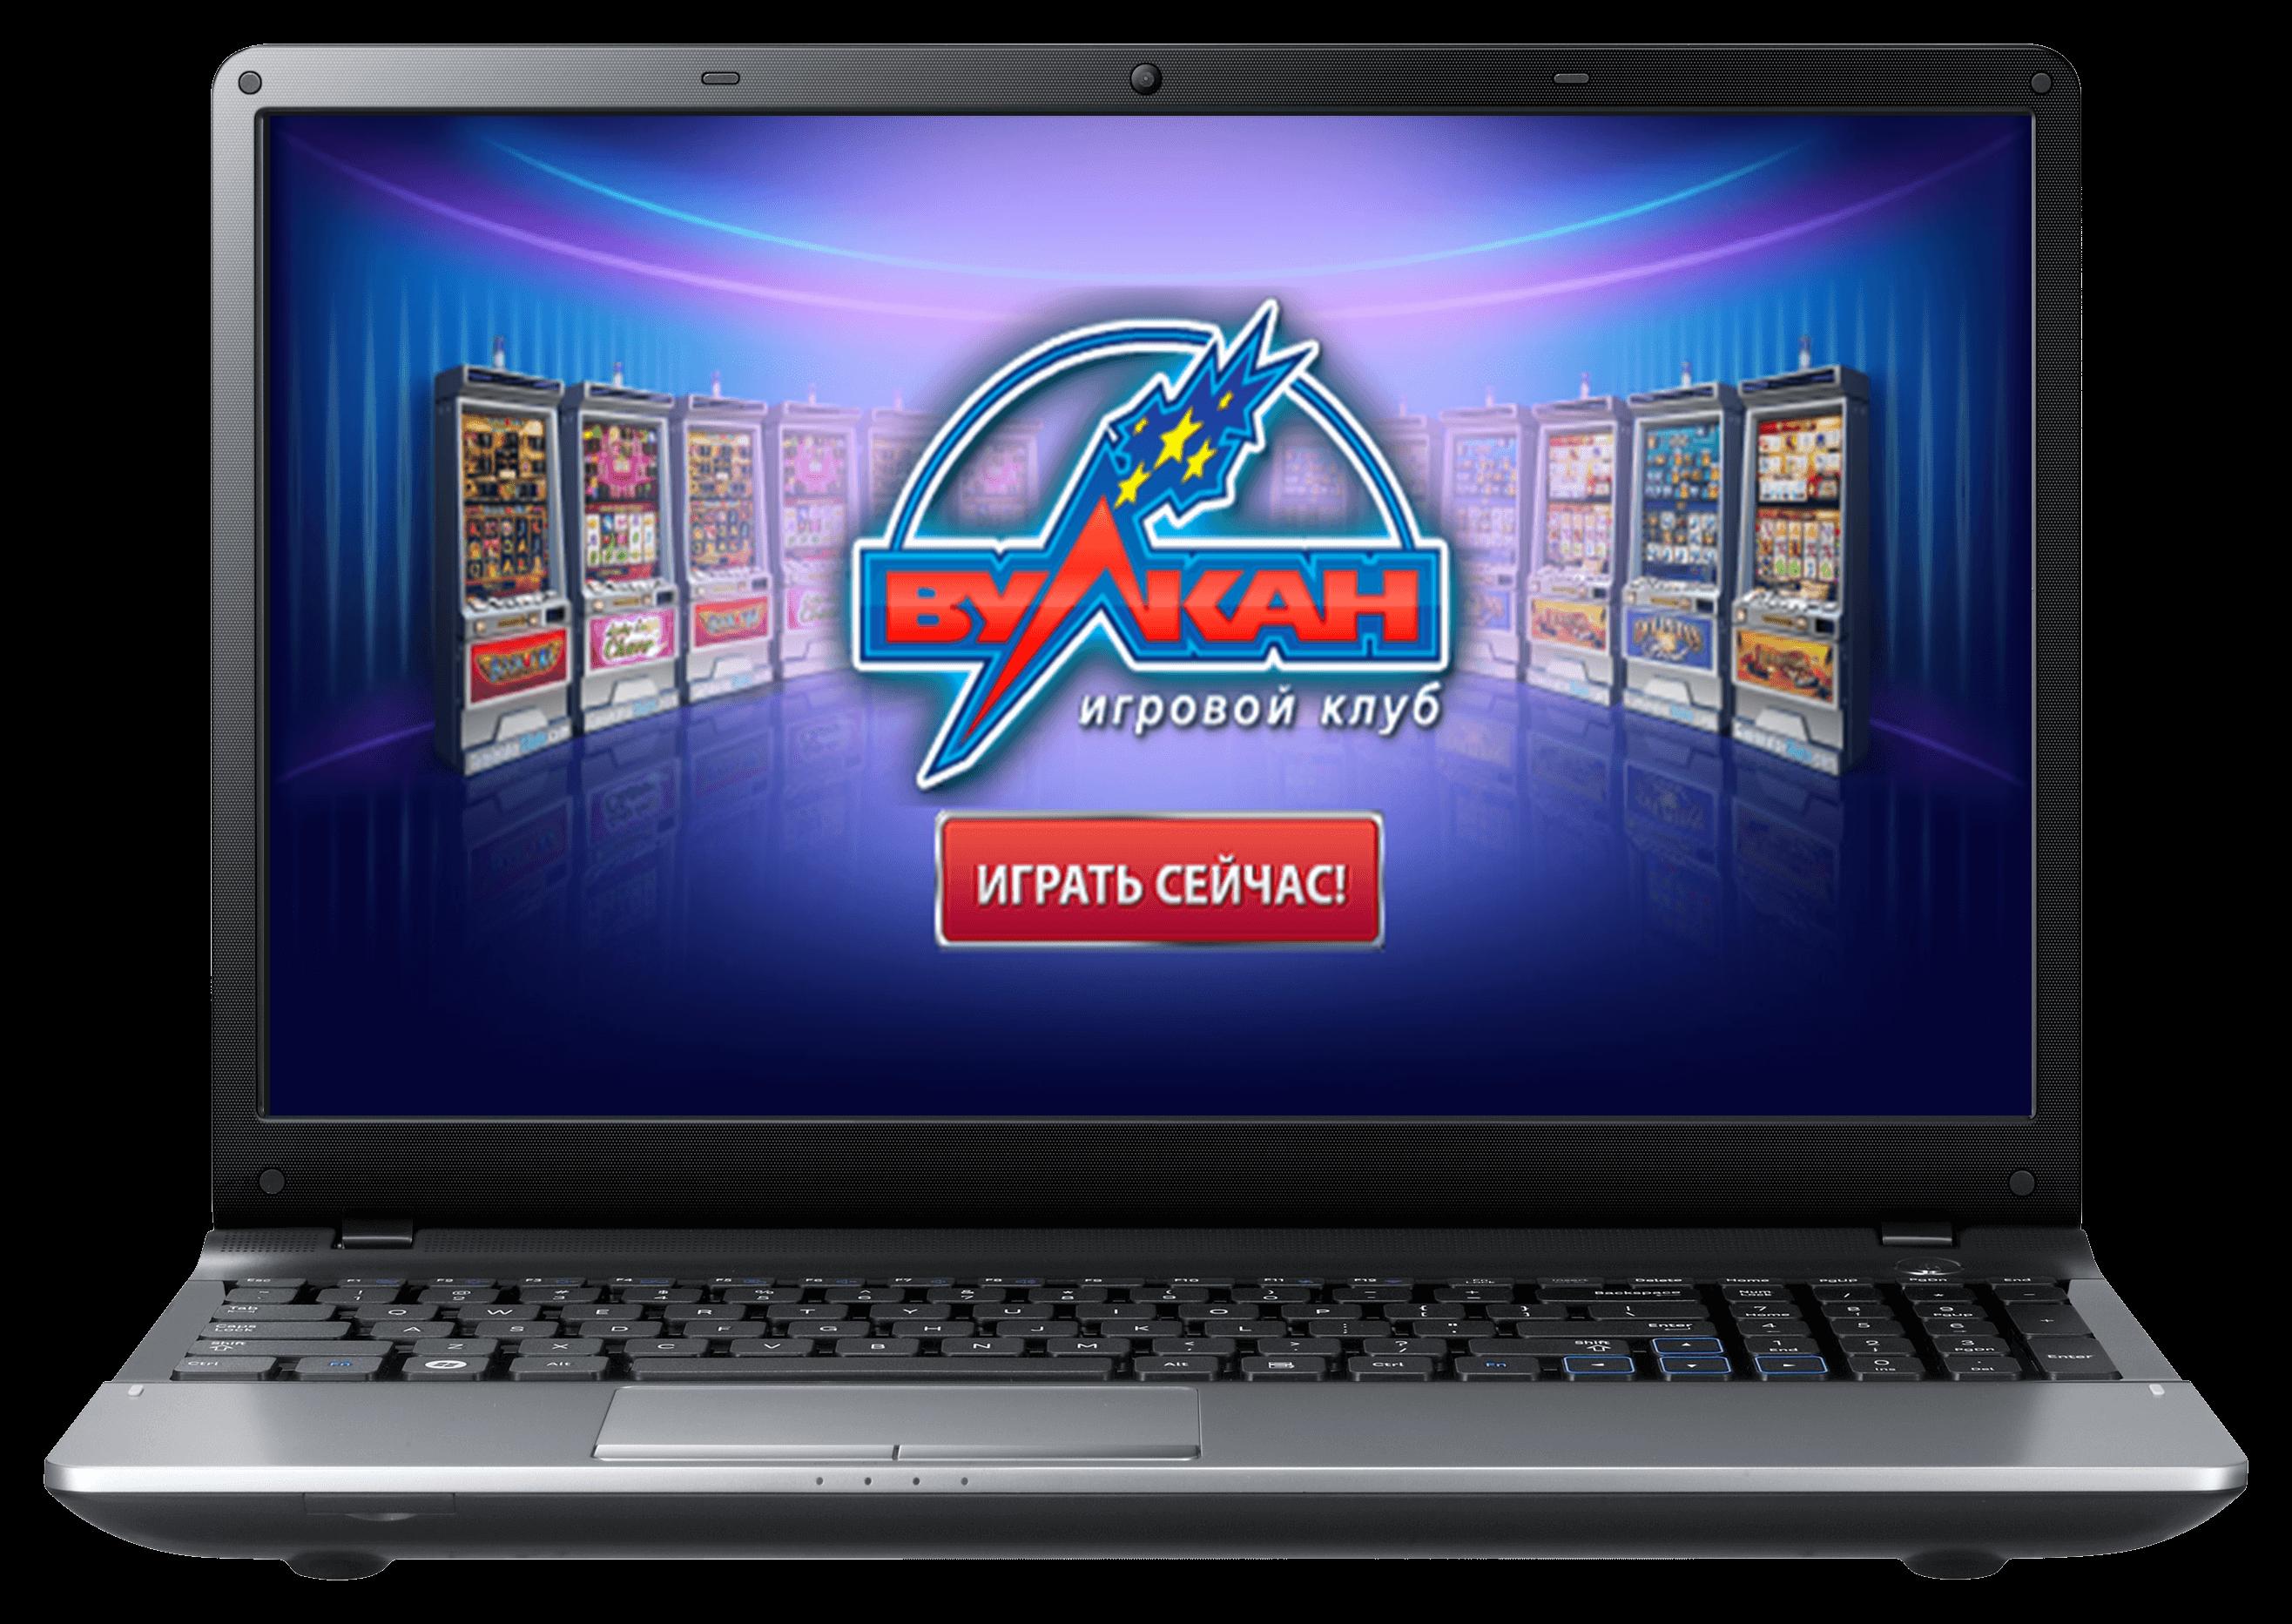 Бесплатные игровые аппараты вулкант онлайнi игровые автоматы скачать резидента